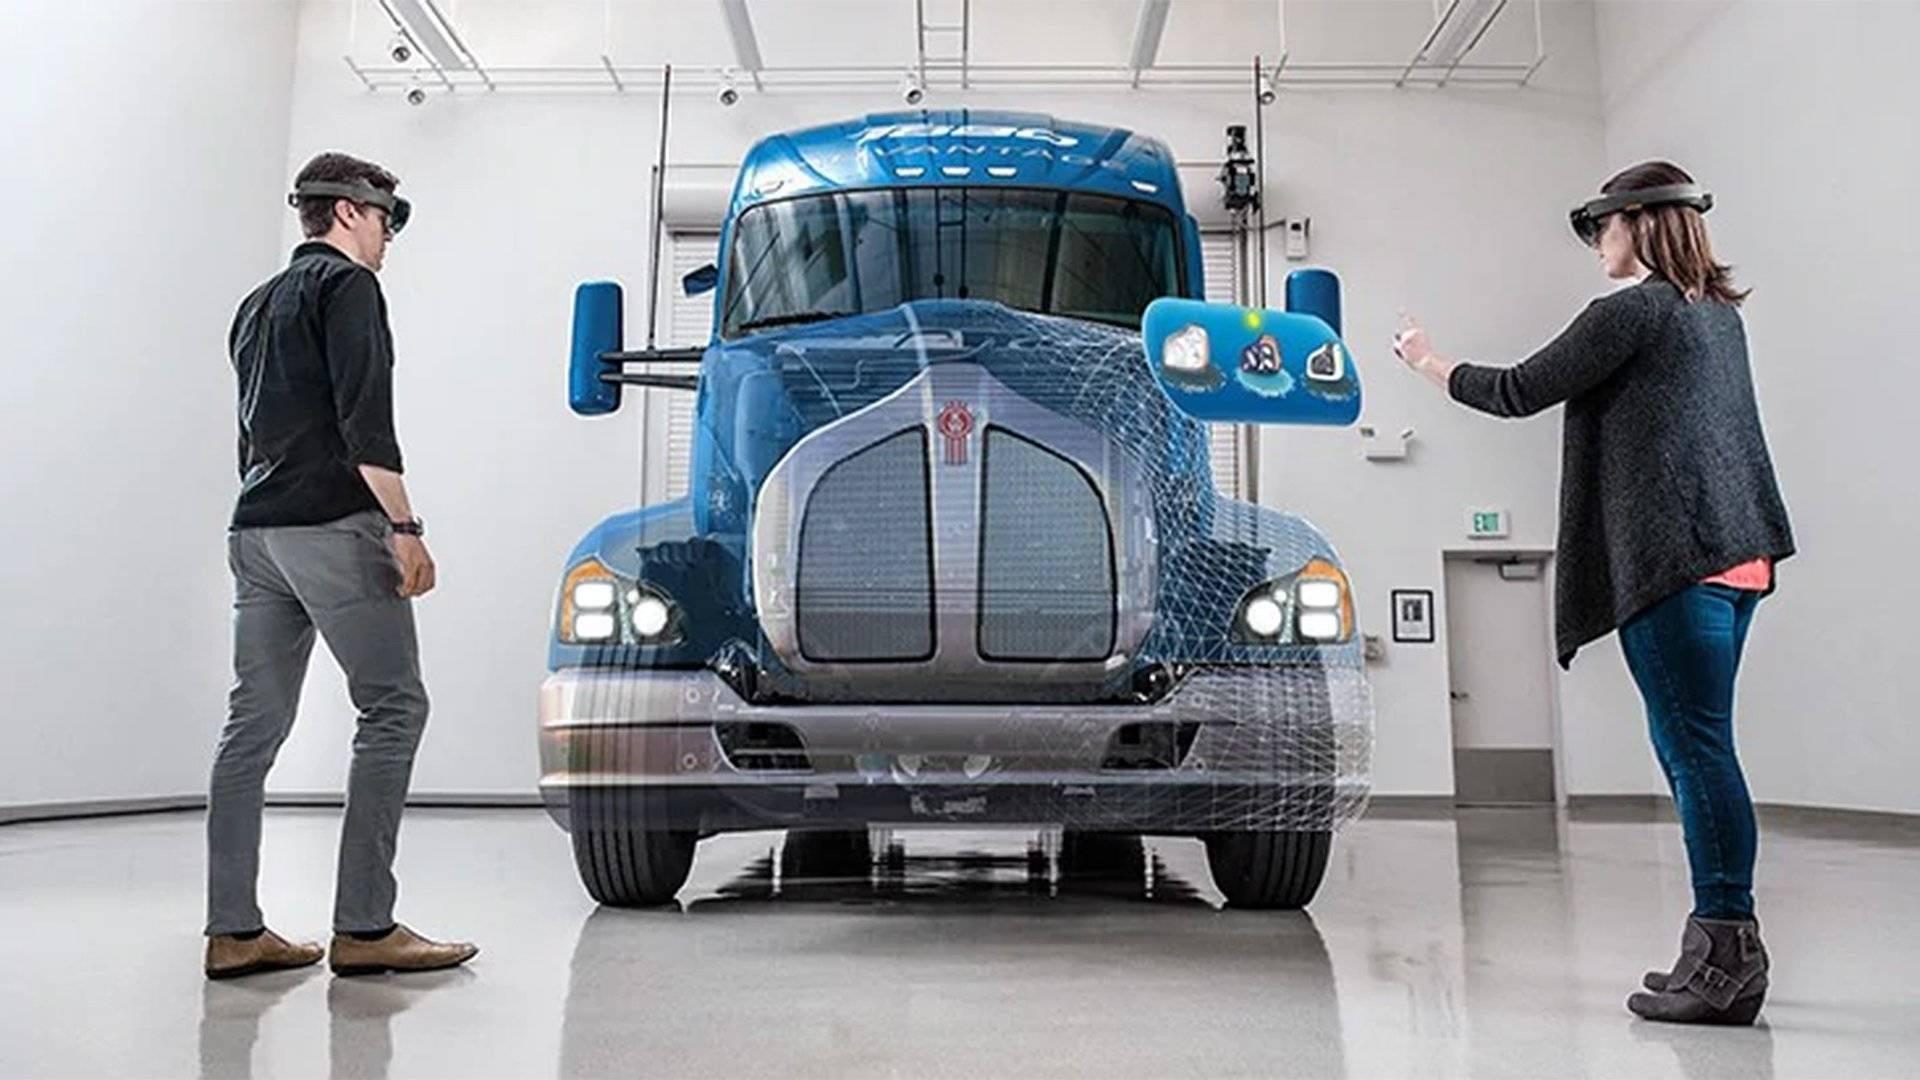 AR技术将成为汽车制造商的下一个关注点吗